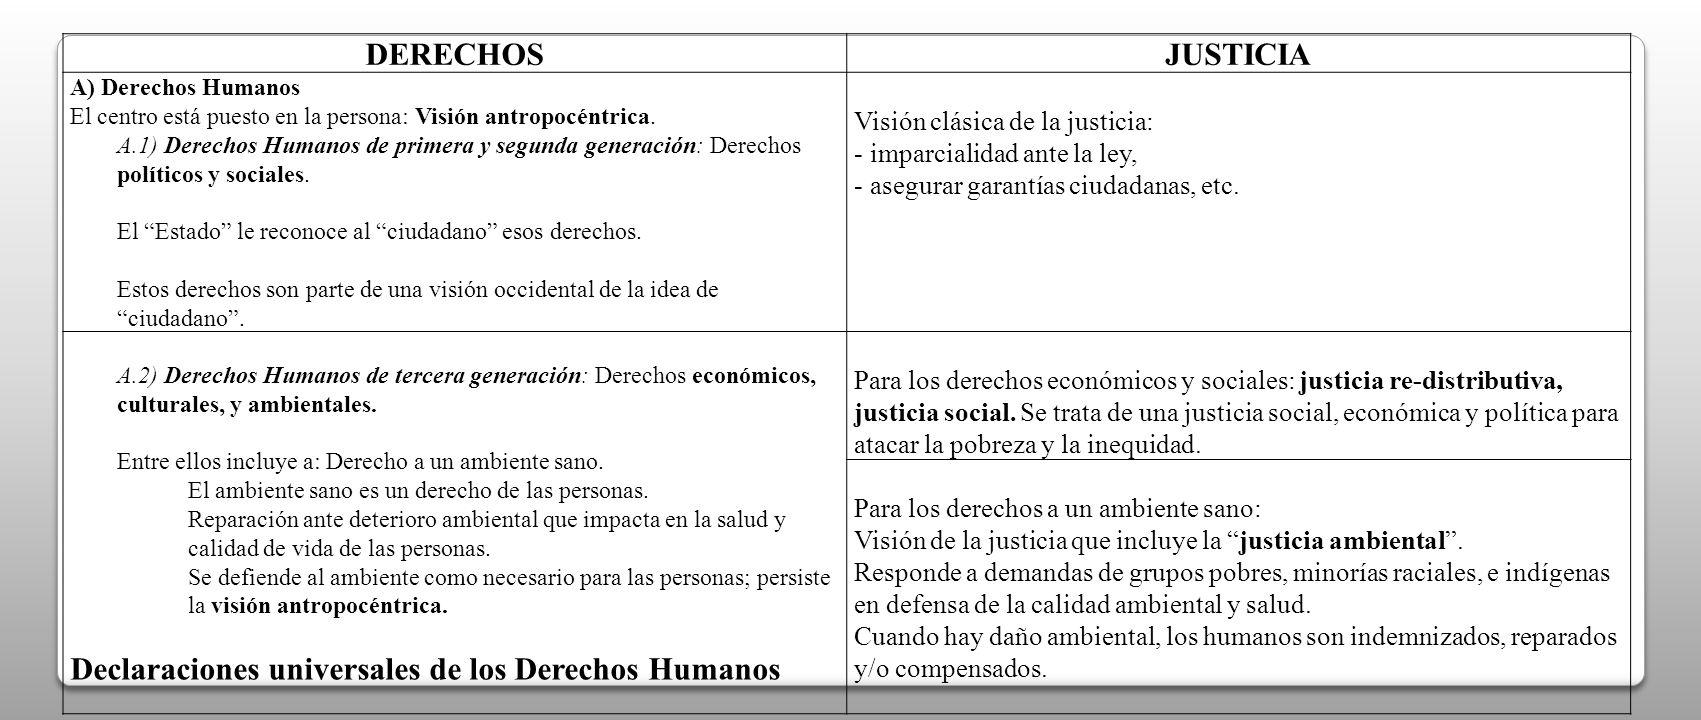 Declaraciones universales de los Derechos Humanos